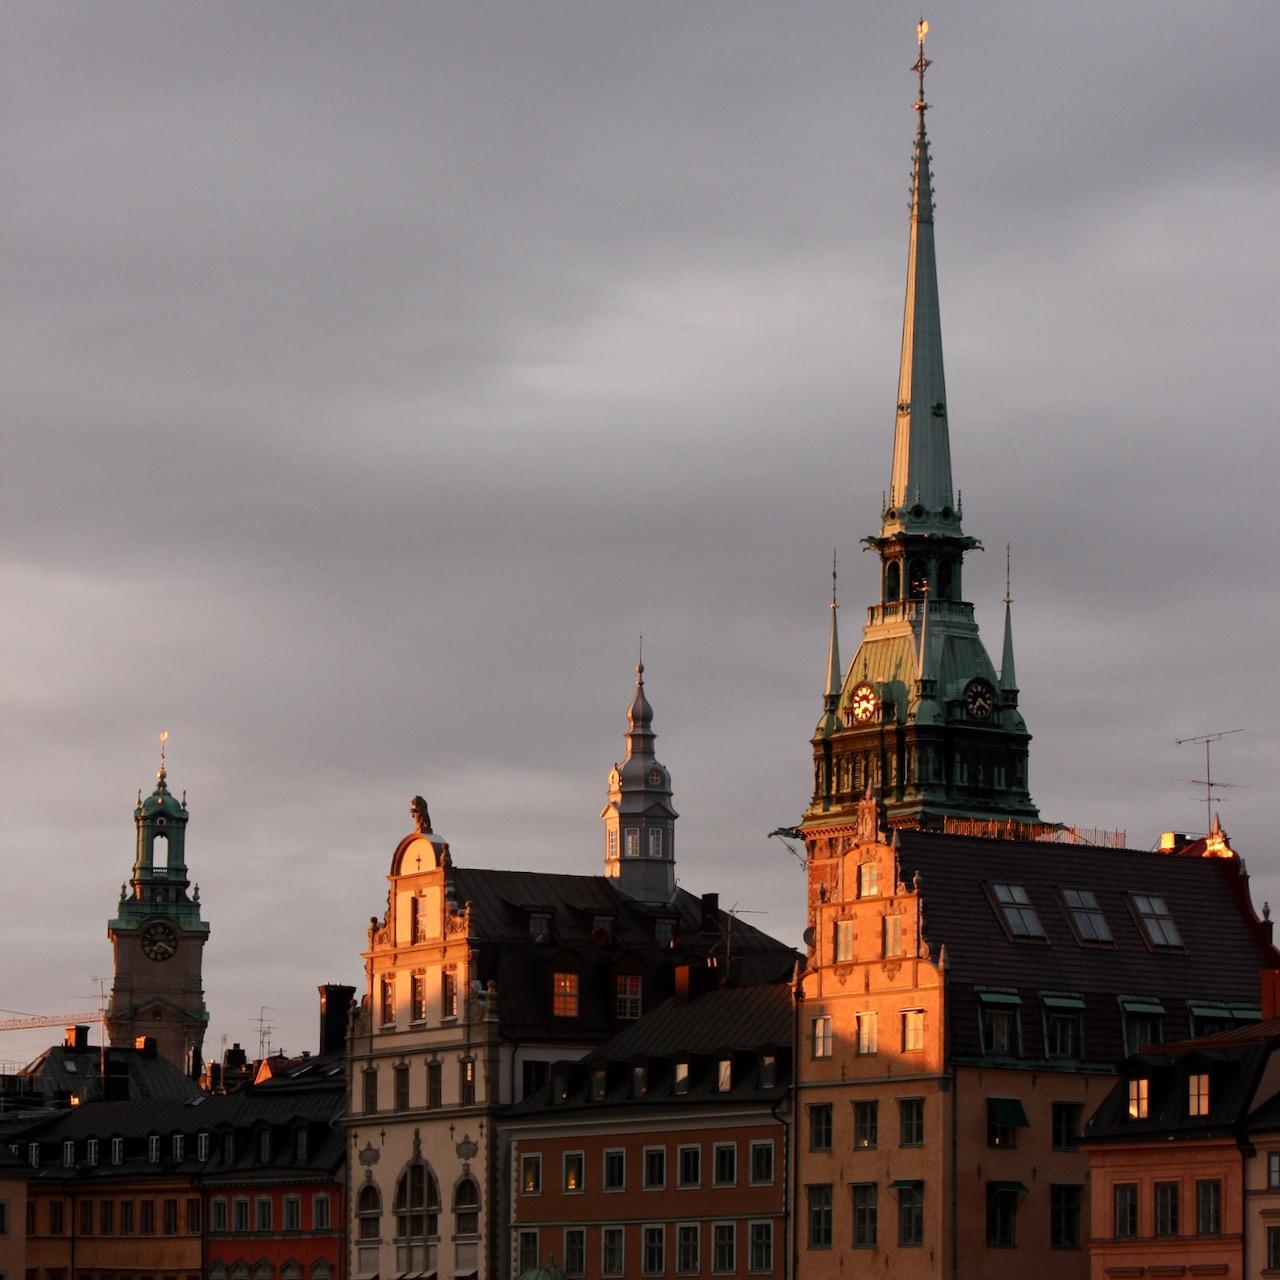 Stockholm, Sweden - 12